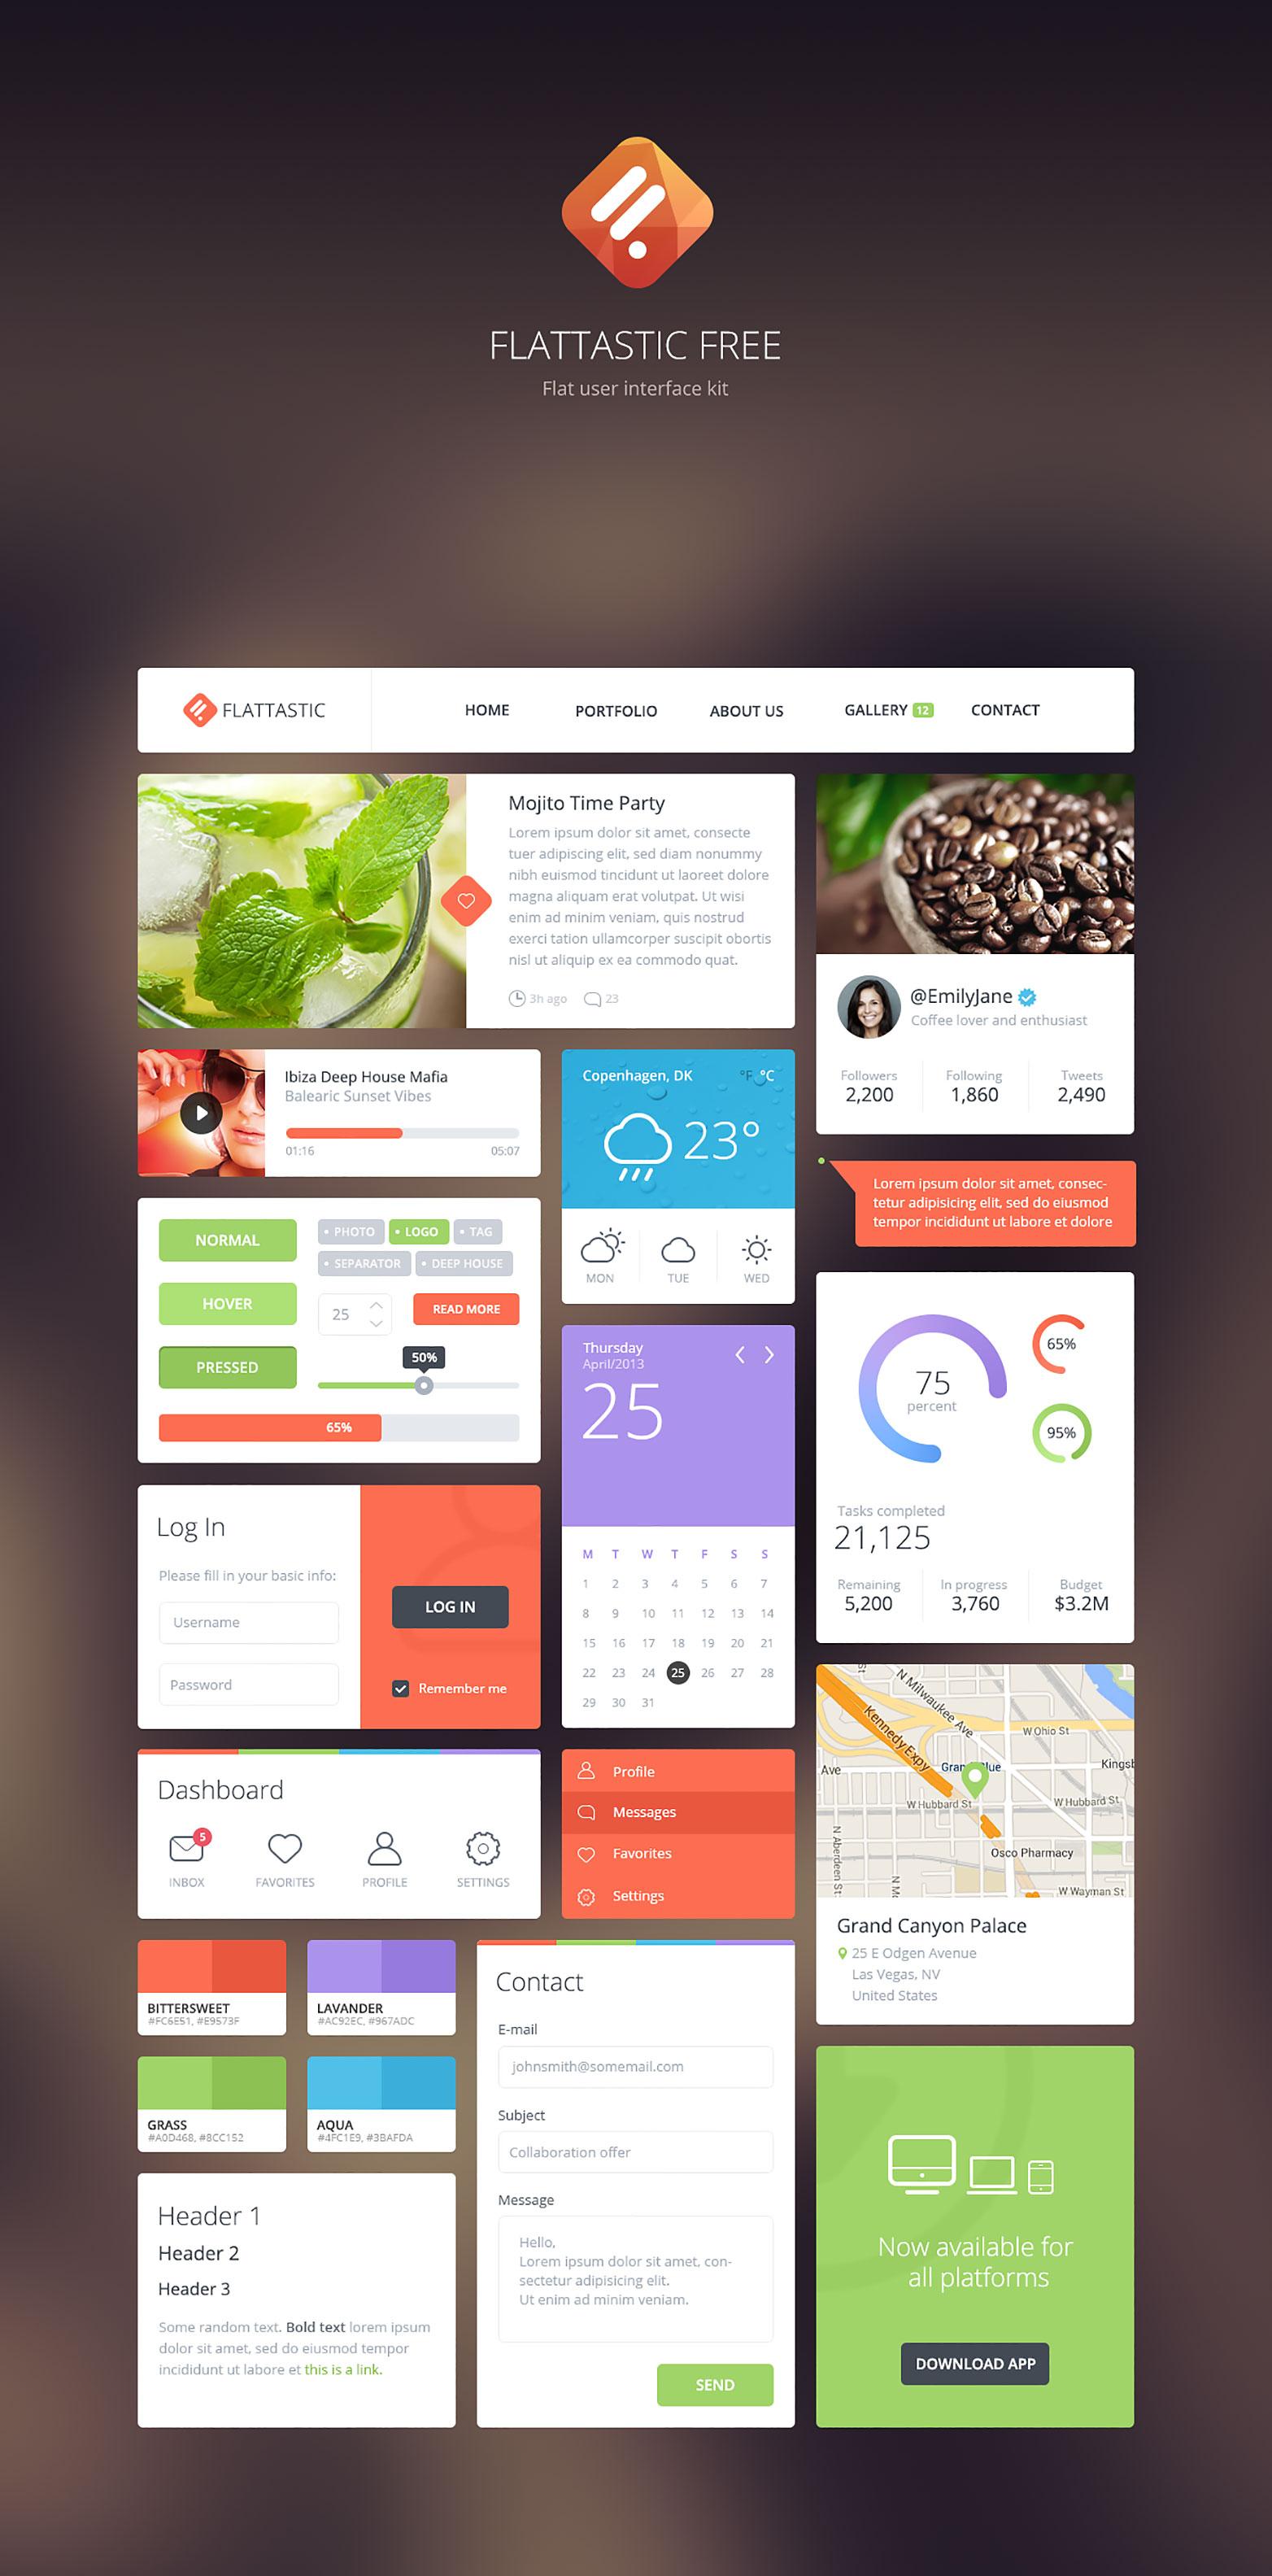 Flattastic Flat User Interface Kit PSD